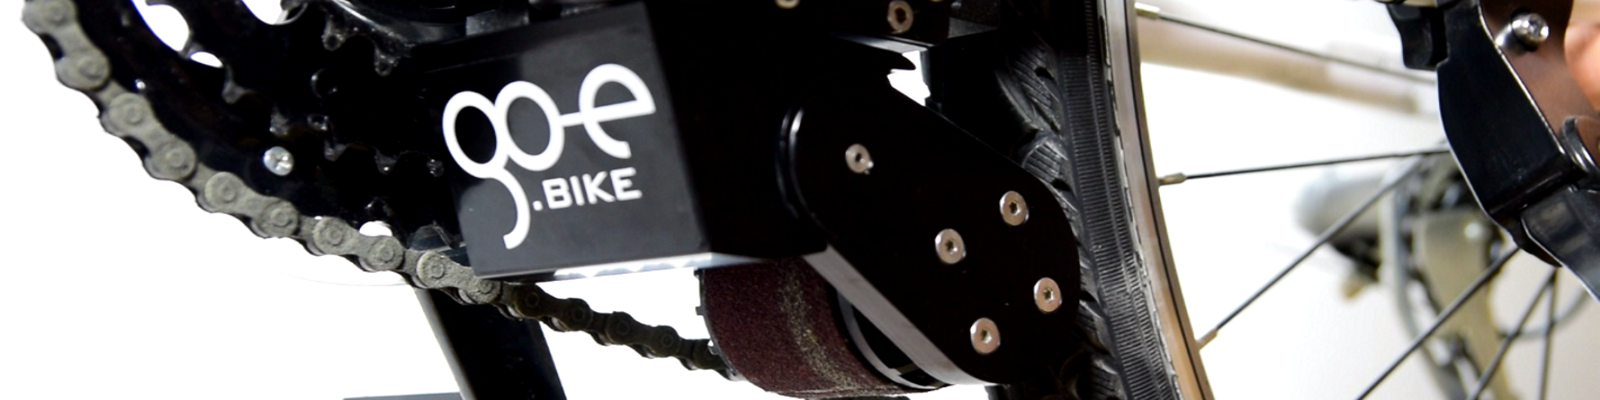 Der Hilfsmotor ONwheel von Go-e treibt die Fahrradkette an und entlastet das Treten. Er wiegt 800 g.